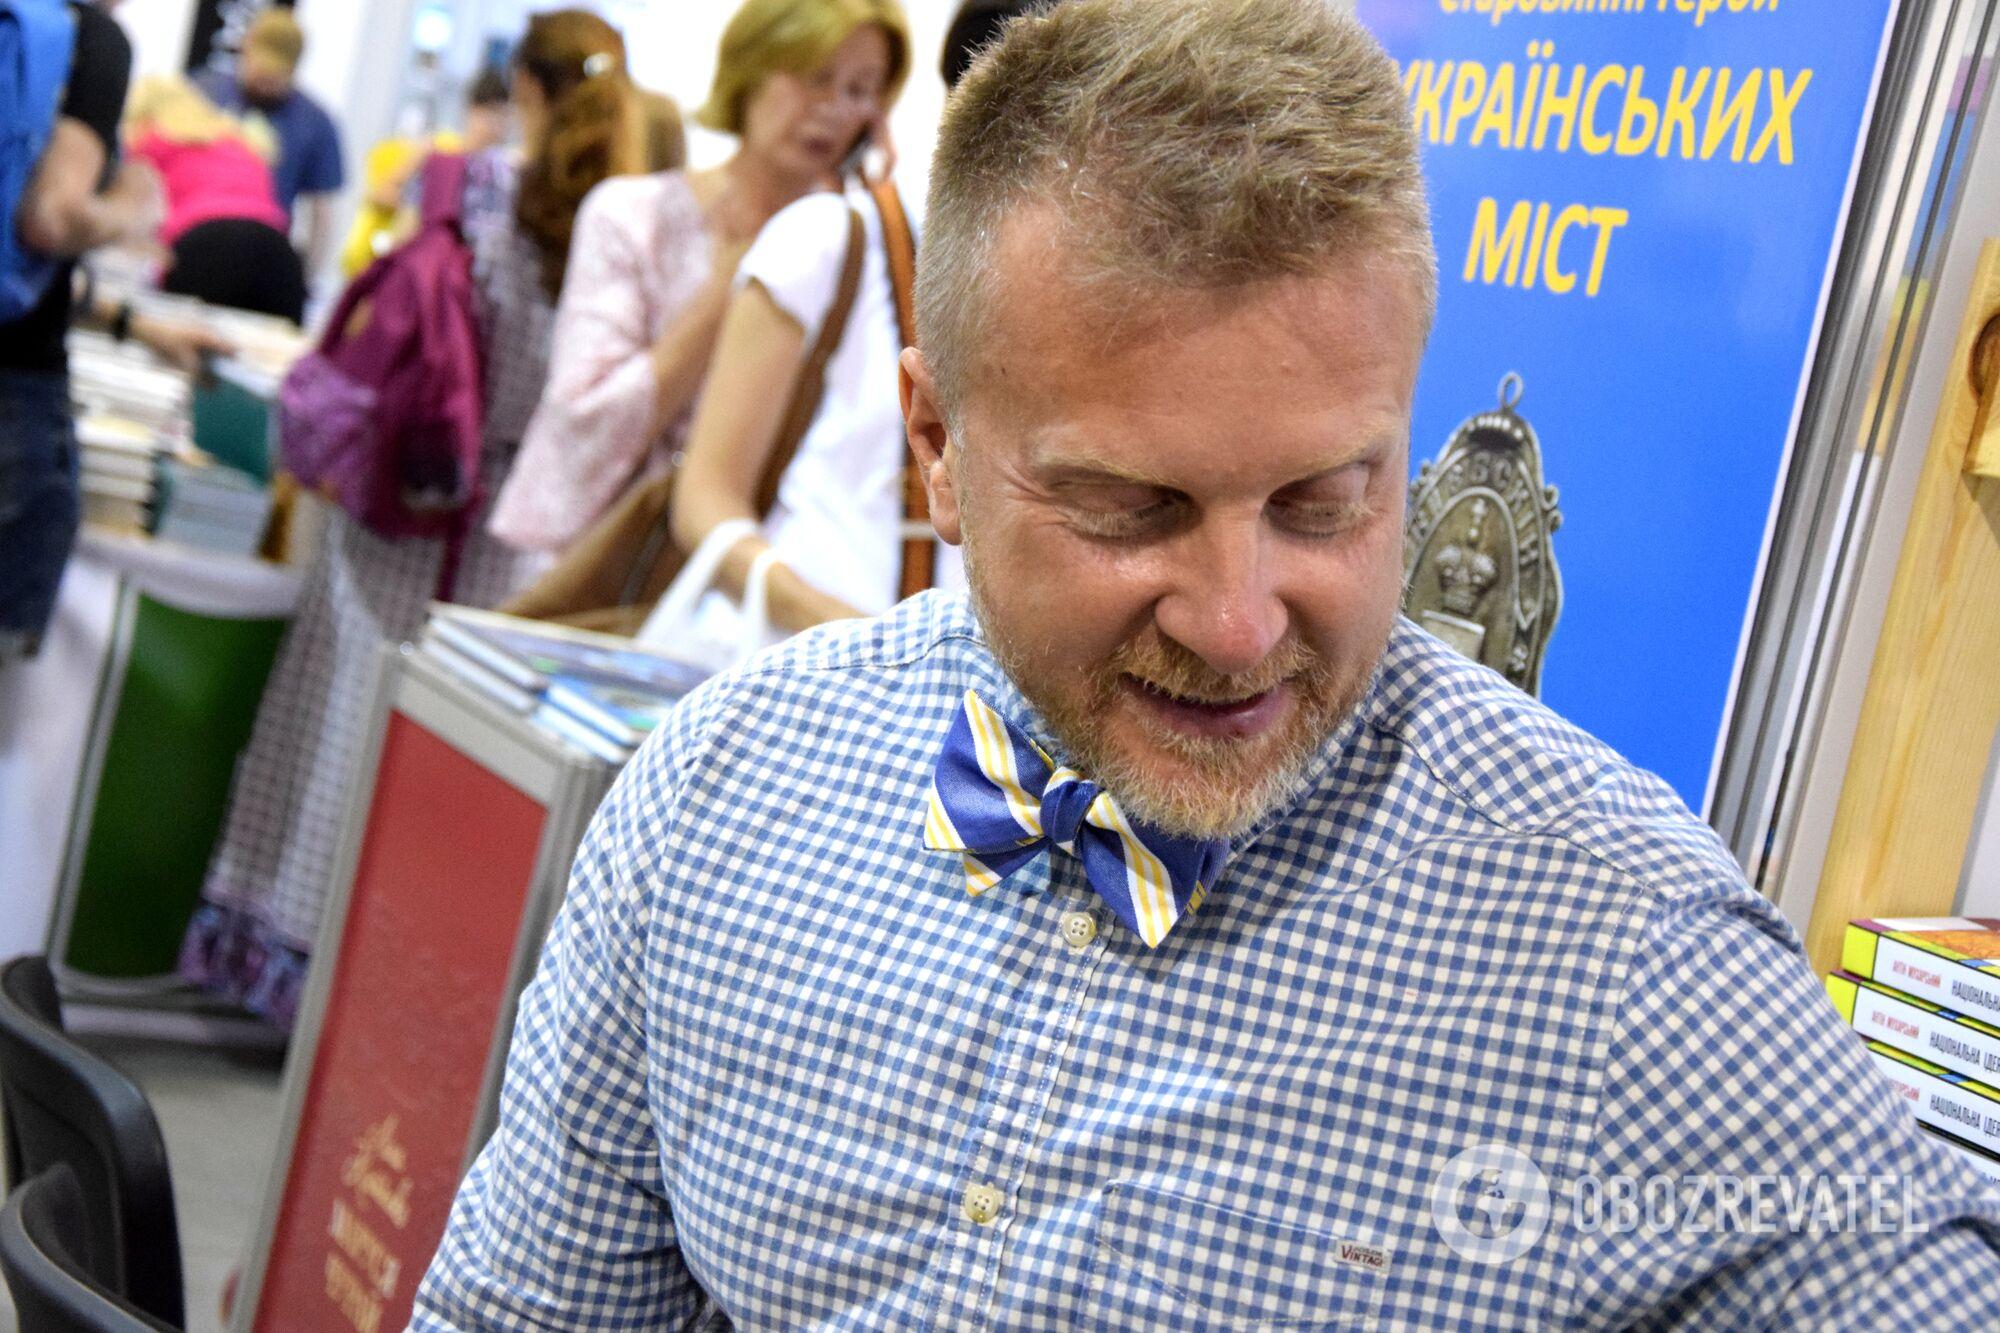 Мухарский: Киев - больше Европа, чем те Афины